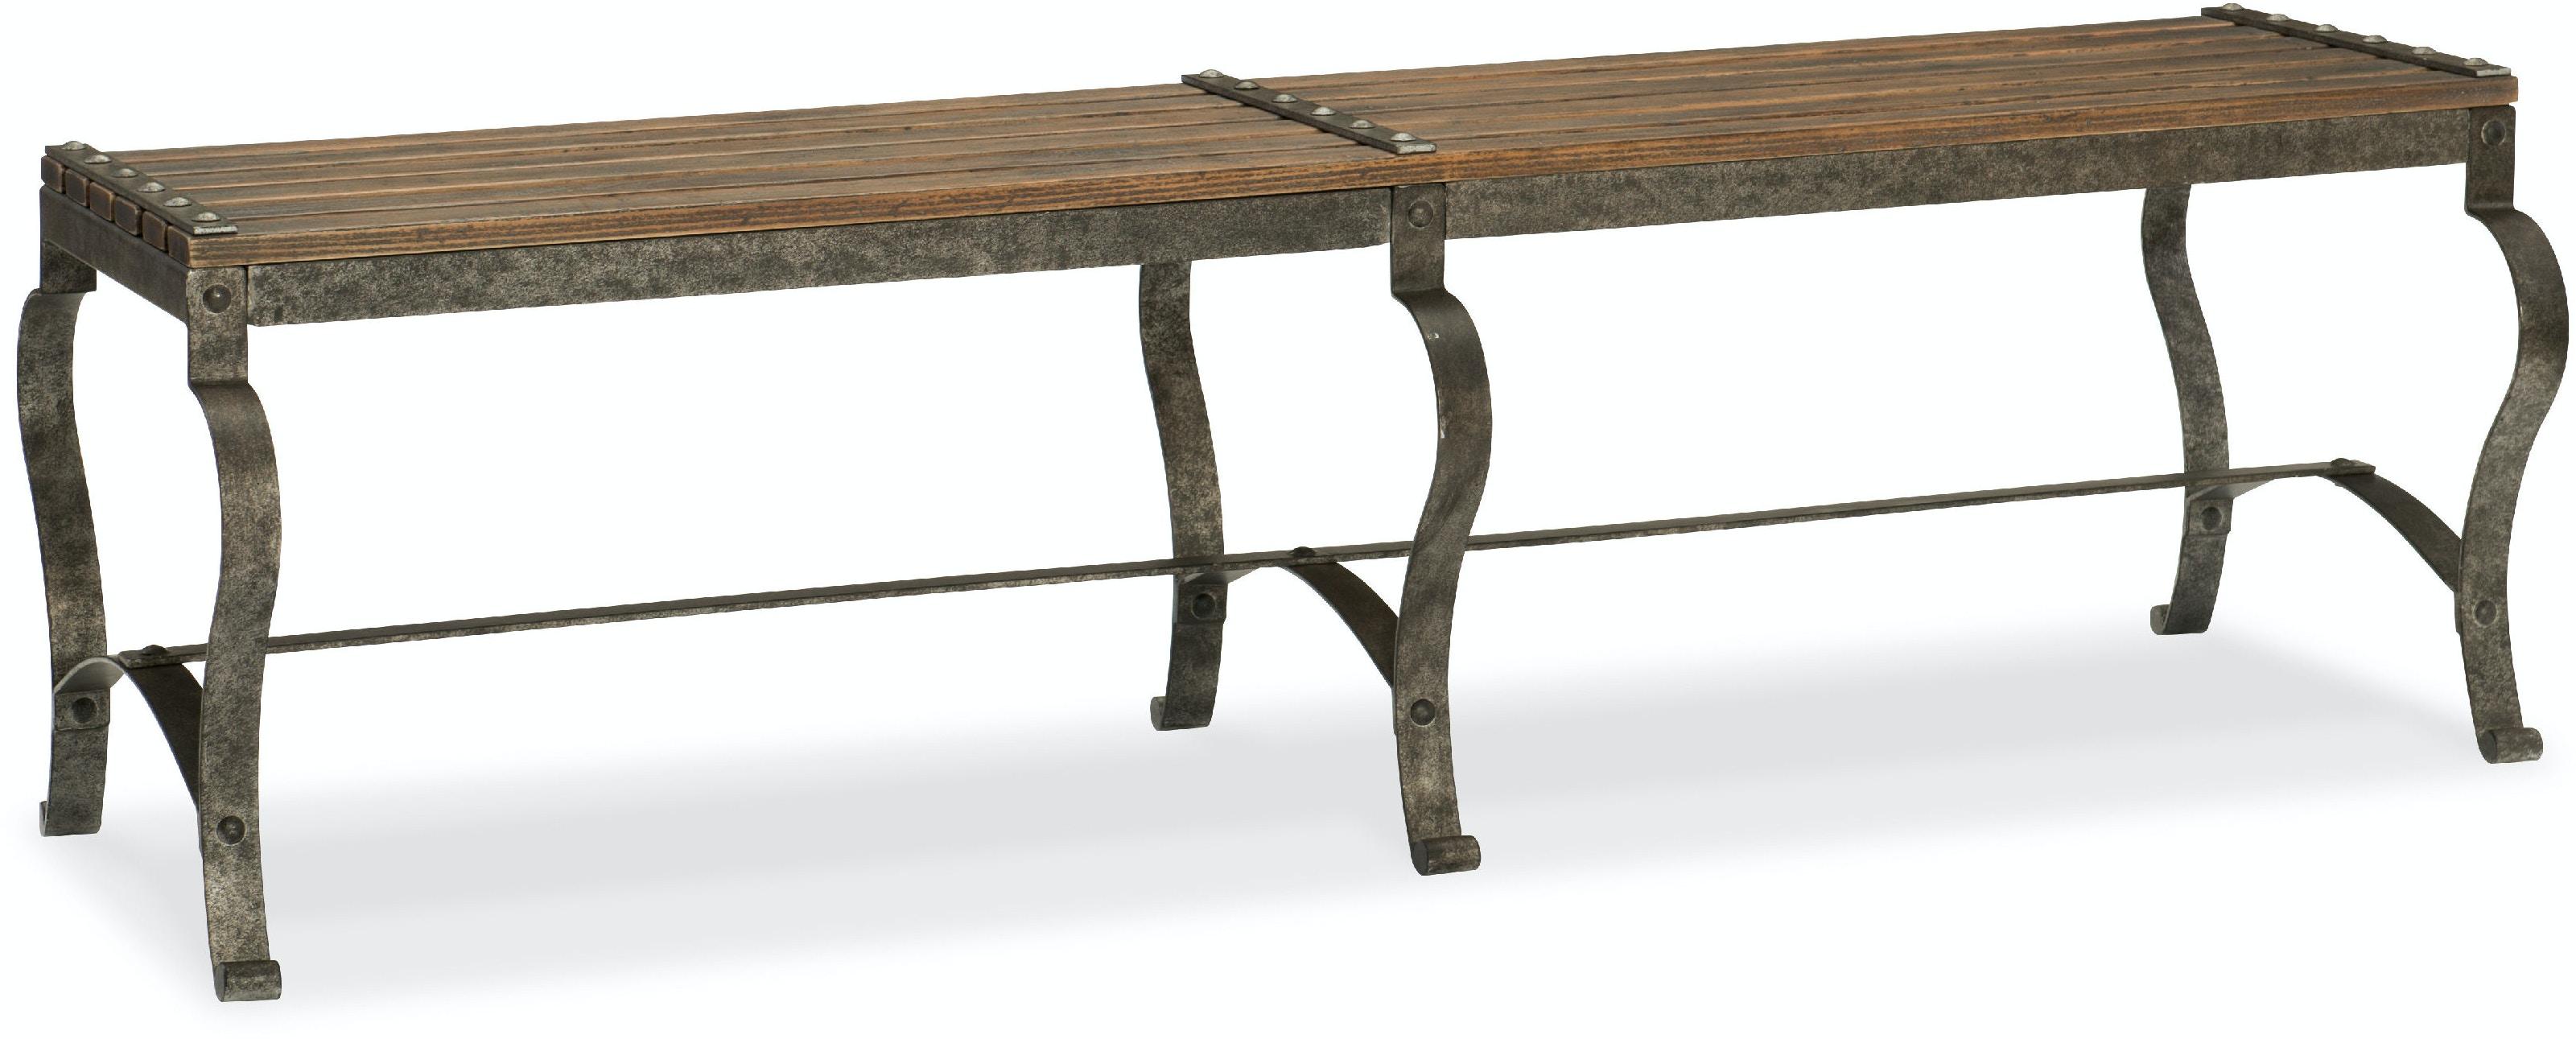 Hooker Furniture Bedroom Ozark Bed Bench 5960 MTL